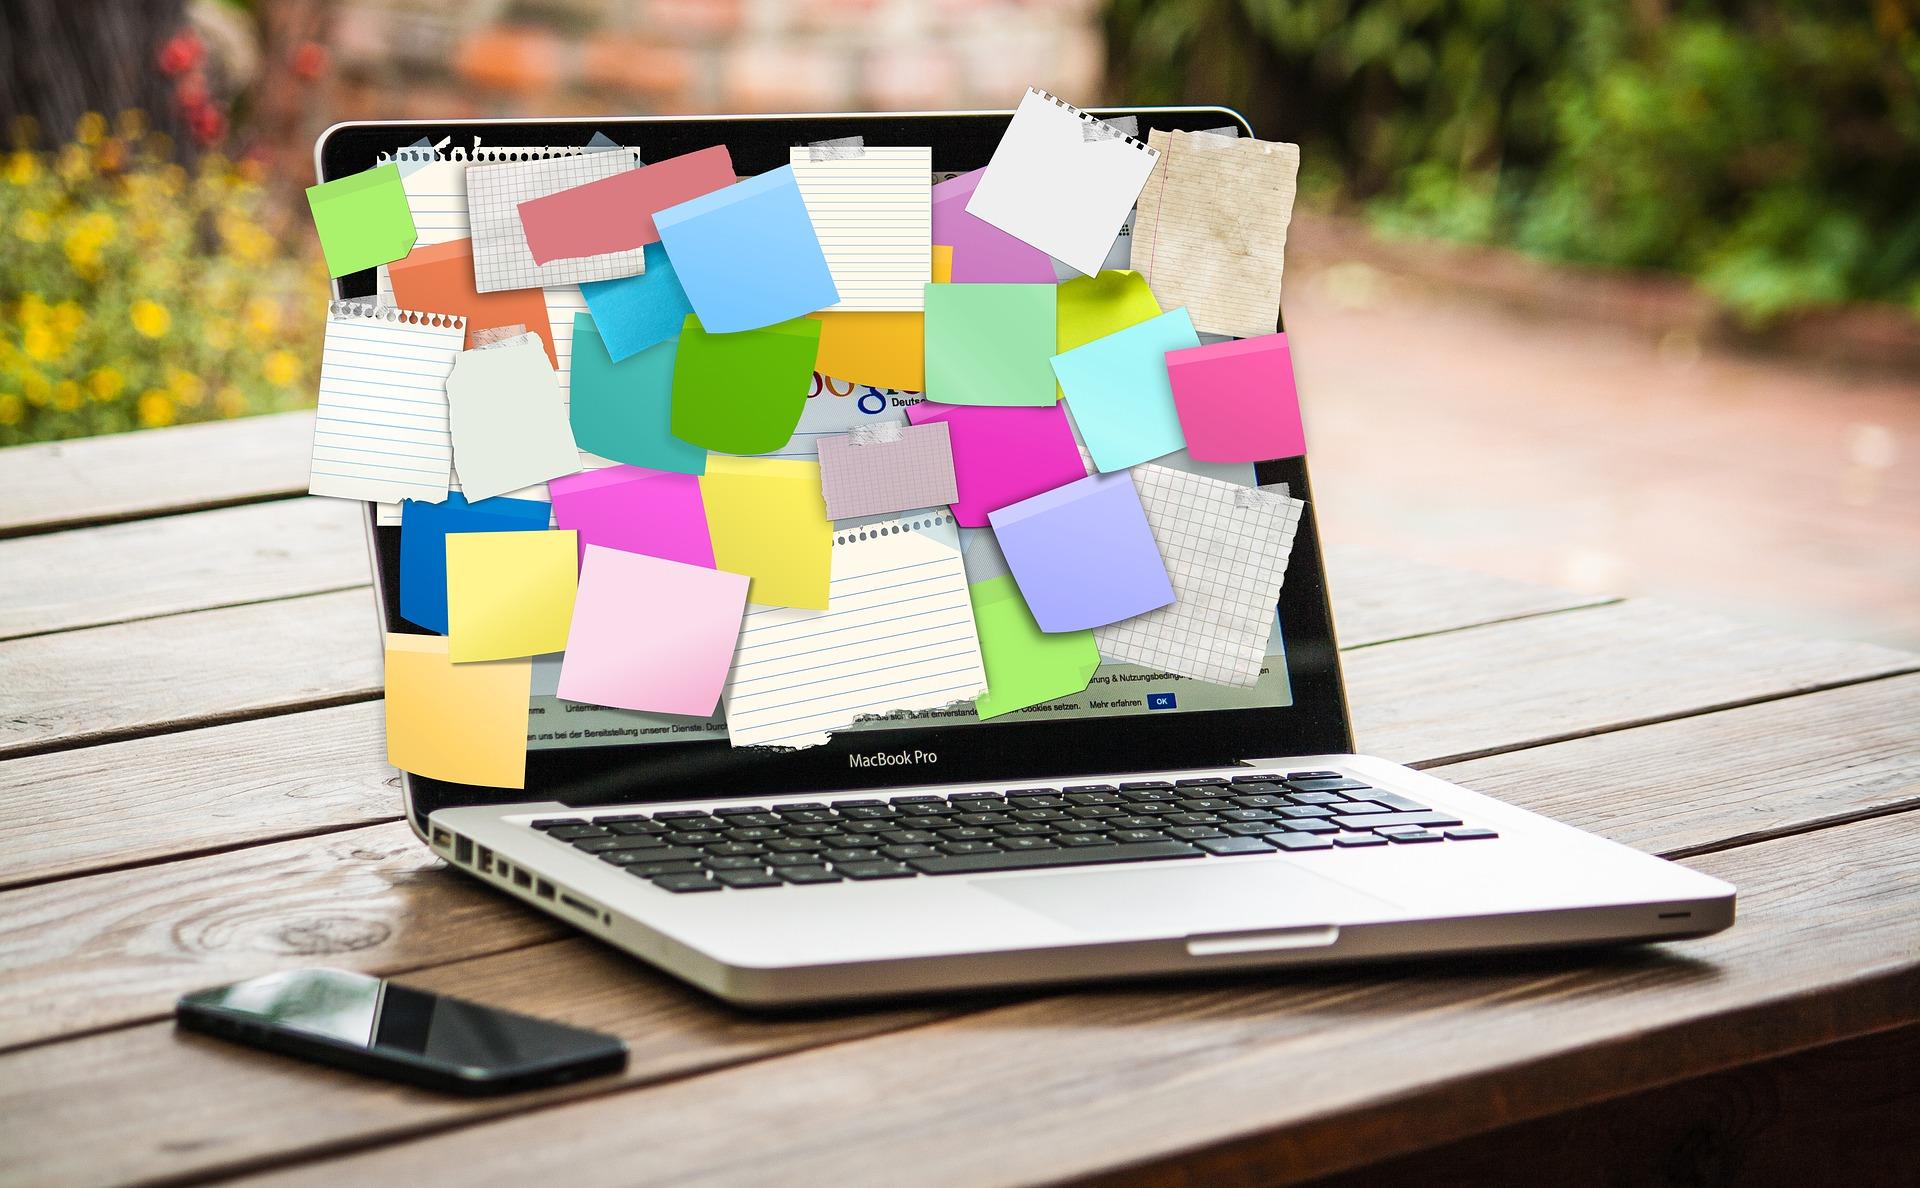 La gestione strutturata delle scadenze: vantaggi economici e di tutela legale